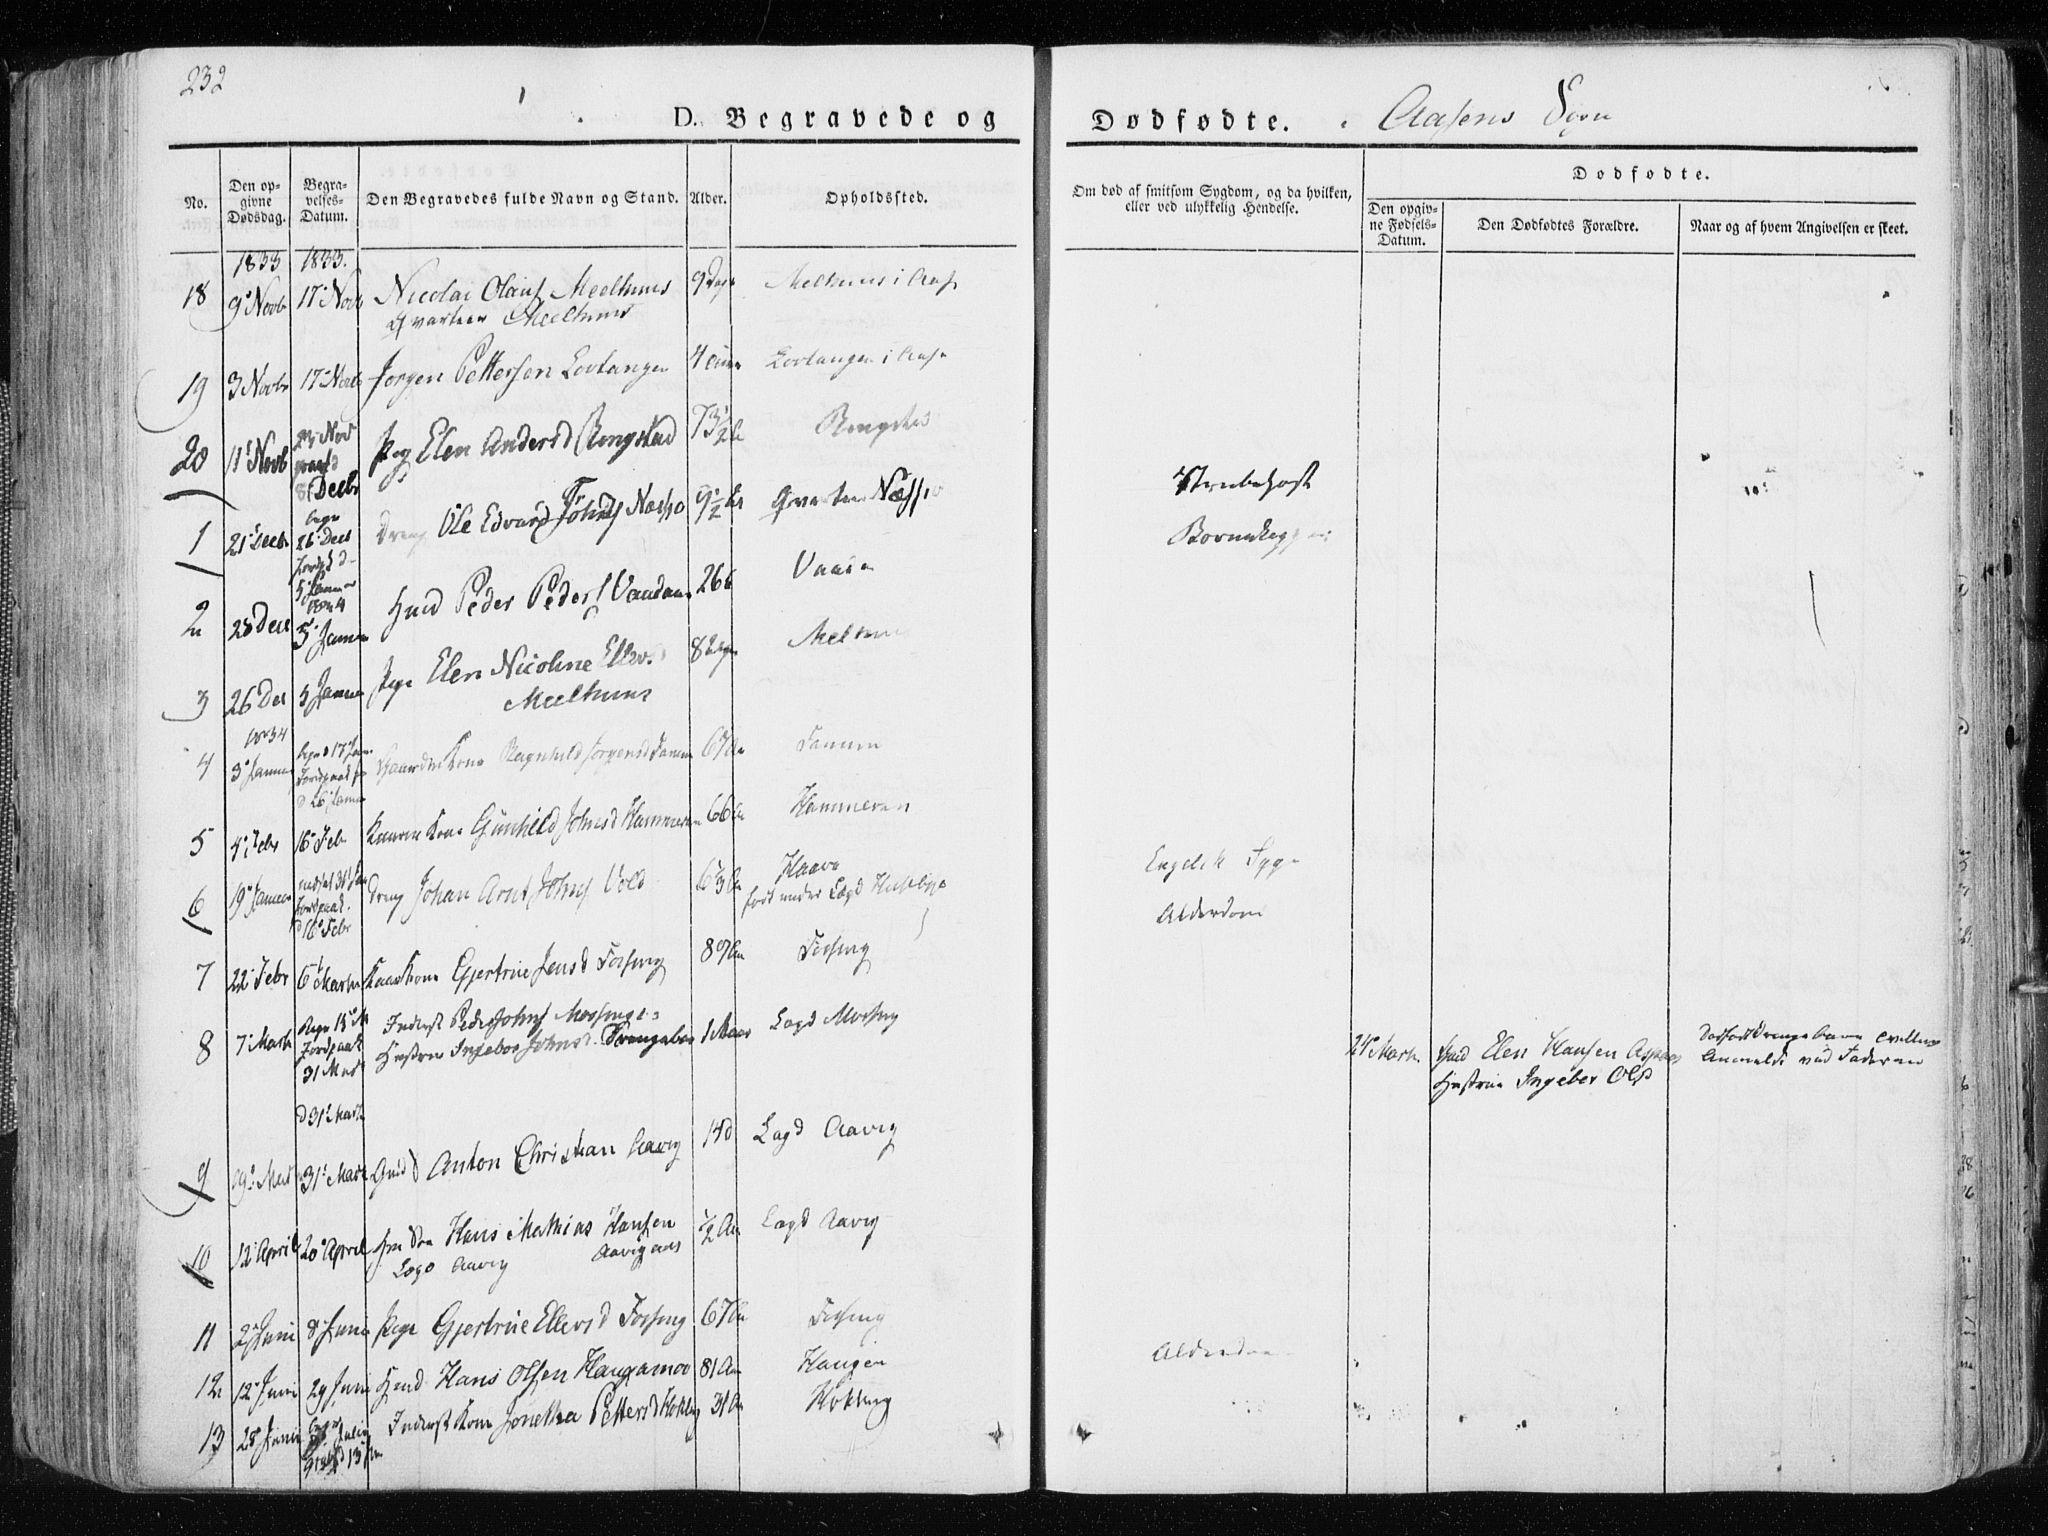 SAT, Ministerialprotokoller, klokkerbøker og fødselsregistre - Nord-Trøndelag, 713/L0114: Ministerialbok nr. 713A05, 1827-1839, s. 232